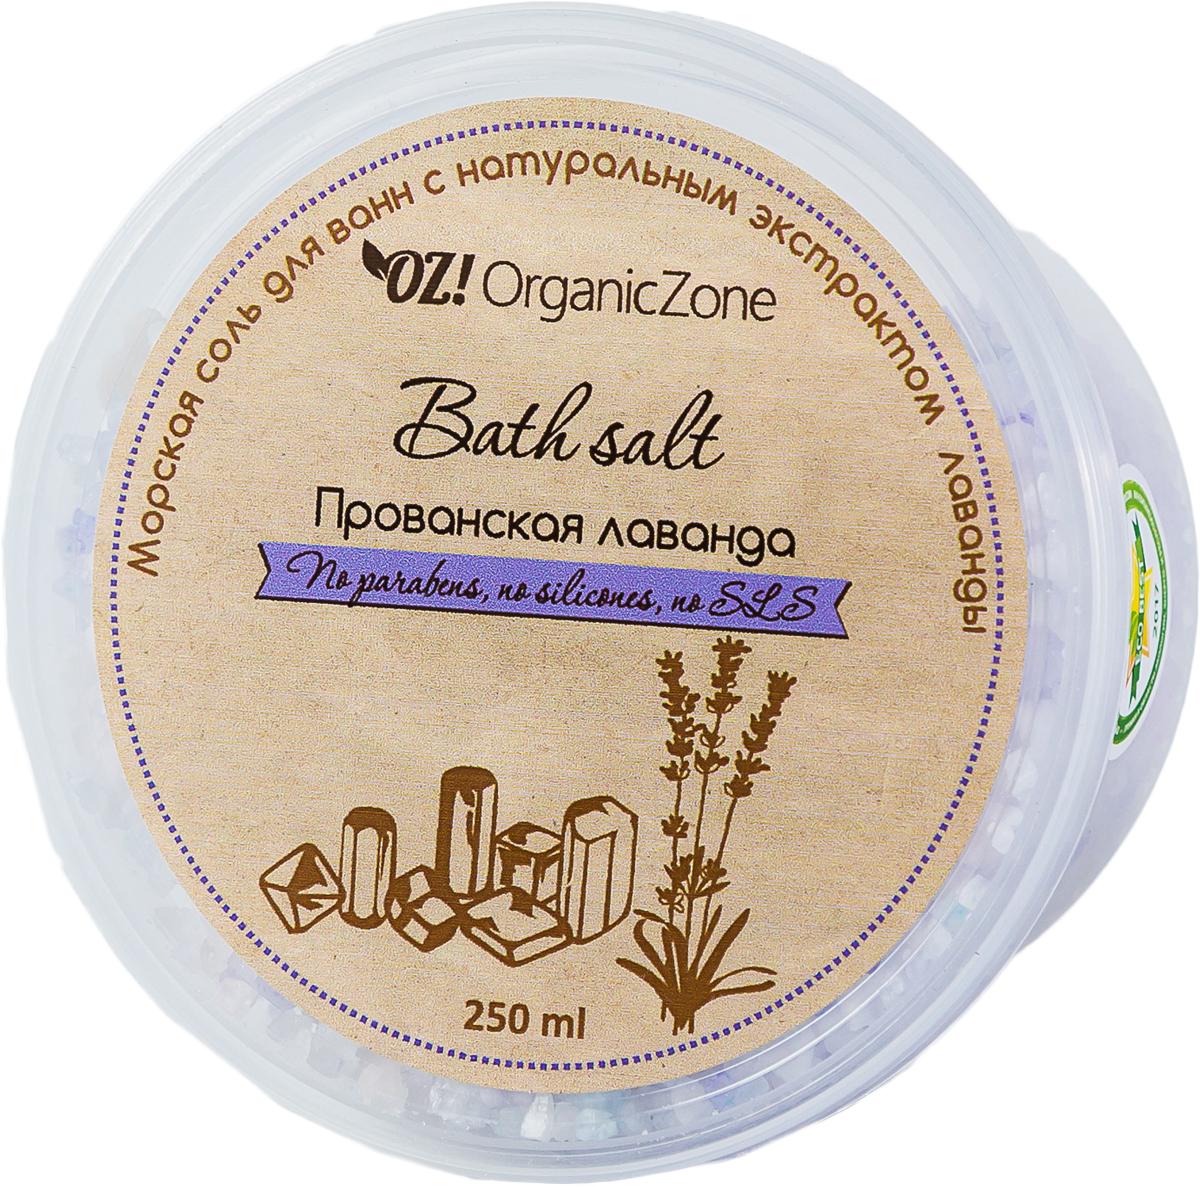 OrganicZone Морская соль для ванн Прованская лаванда, 250 мл4626018134139Обладает успокаивающими, противовоспалительными, балансирующими и укрепляющими свойствами. Частицы соли пропитаны специальным составом из масел в сочетании с витамином E, который делает кожу красивой и сияющей.